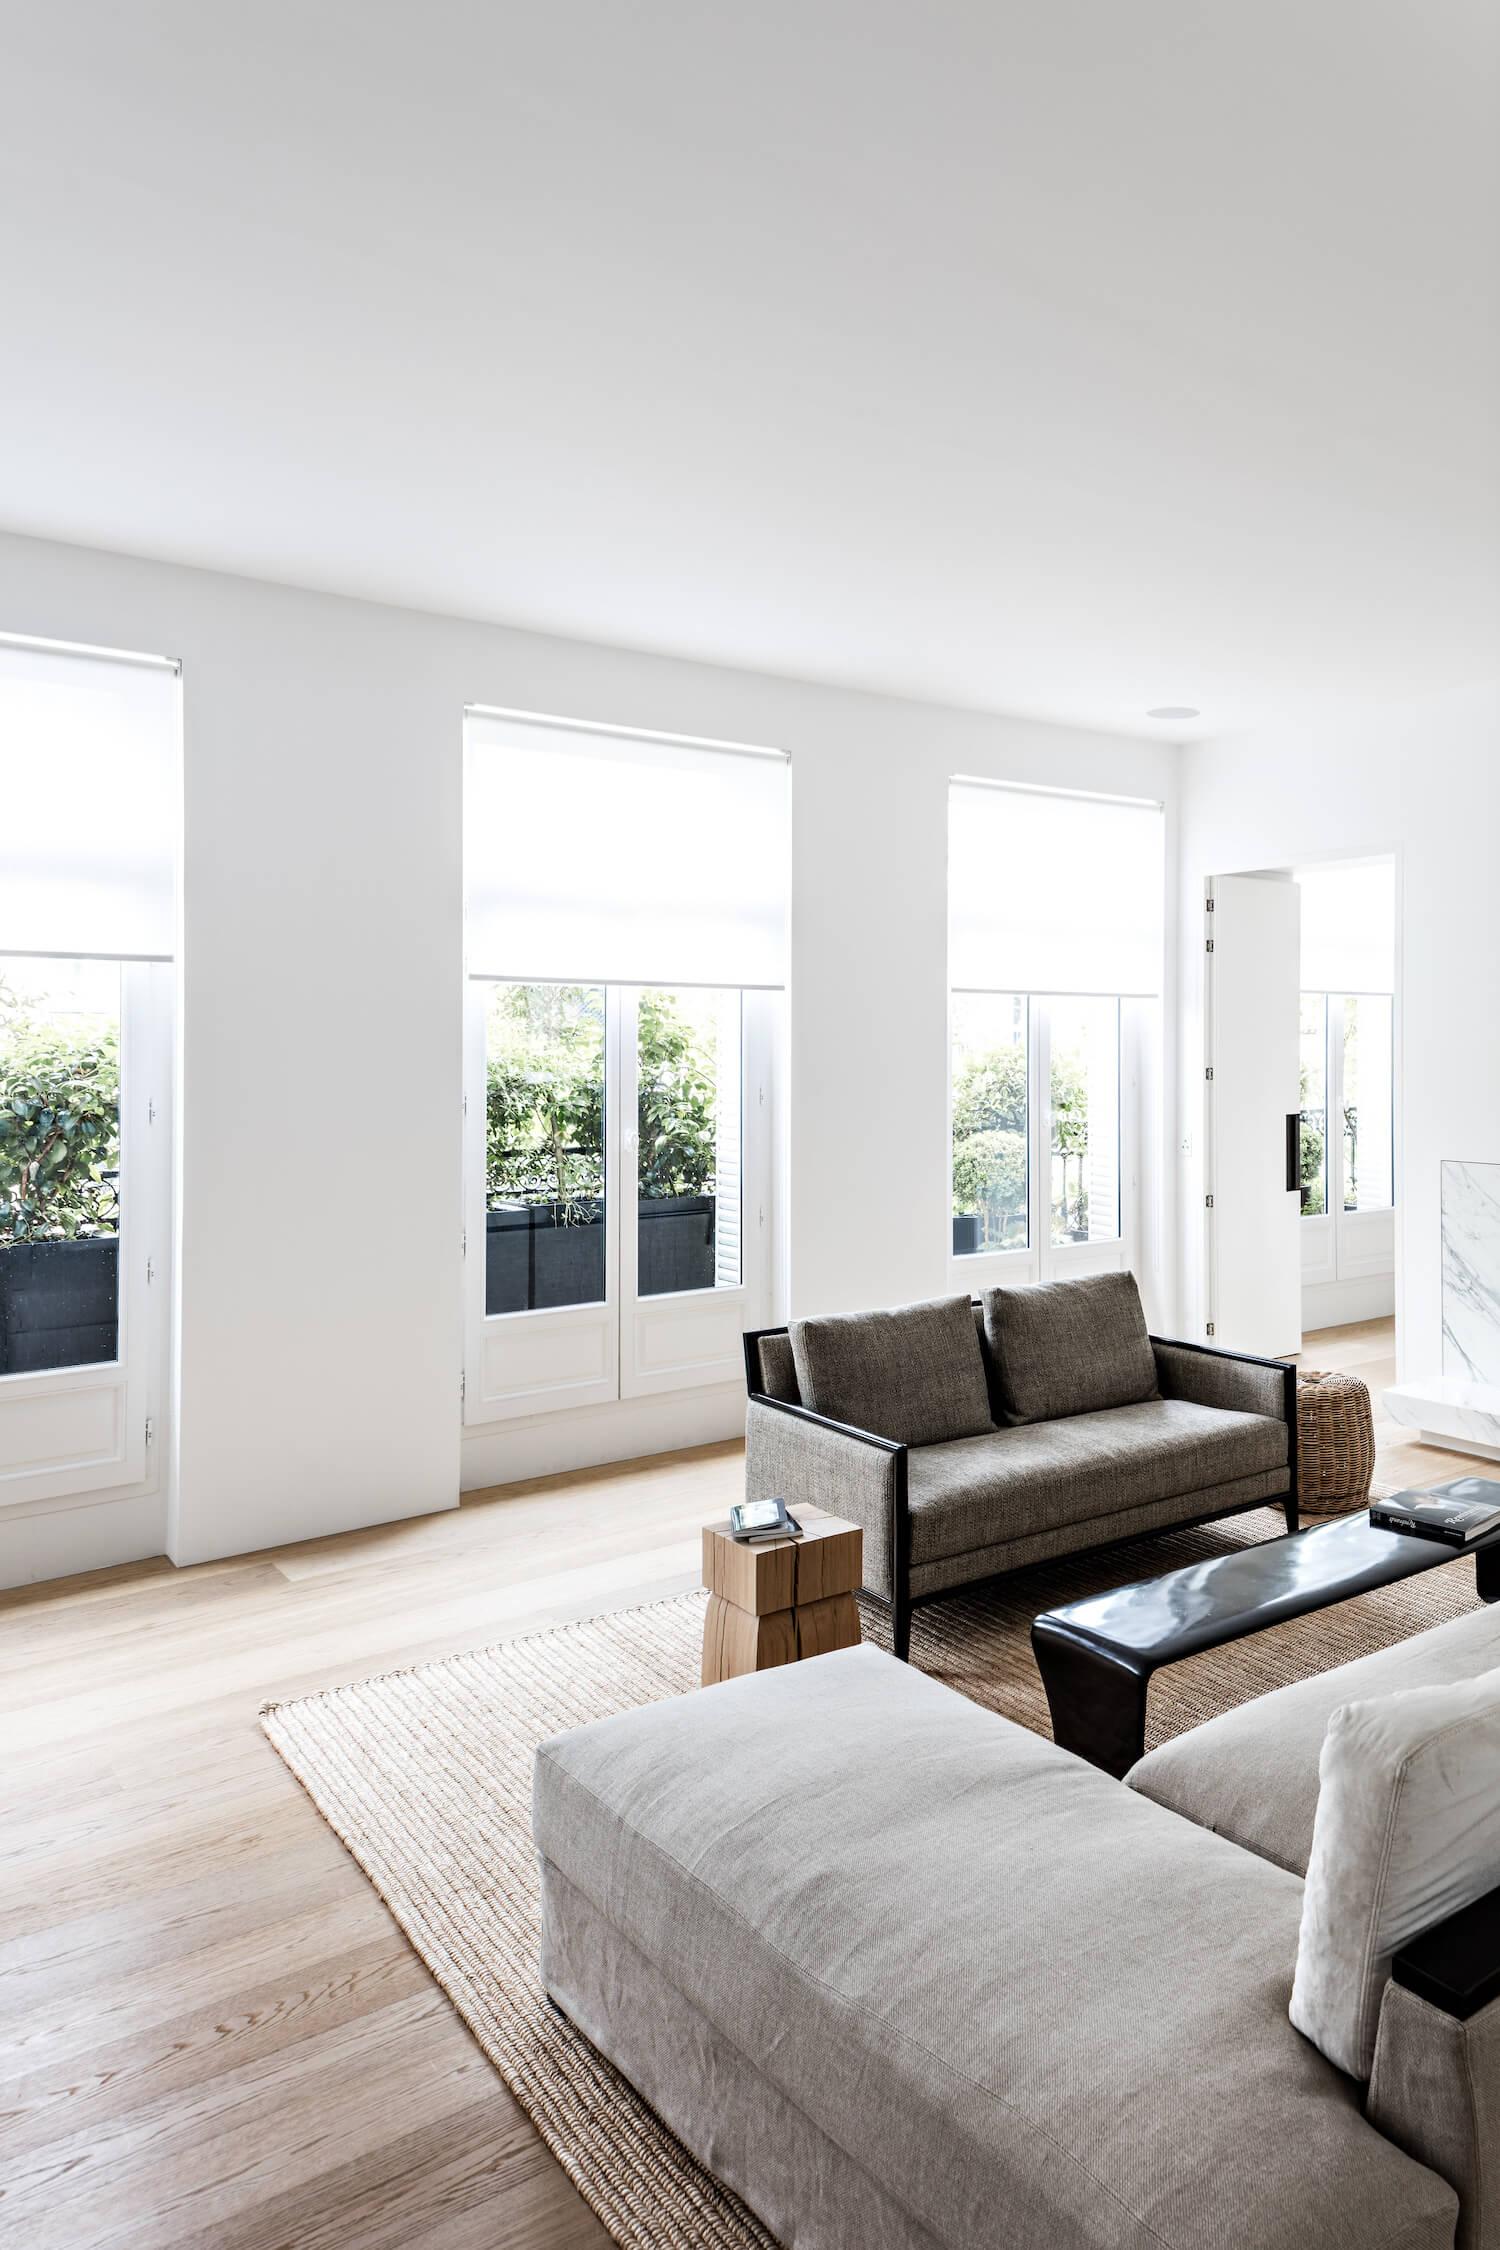 est living interiors frederic berthier saint germain apartment 5